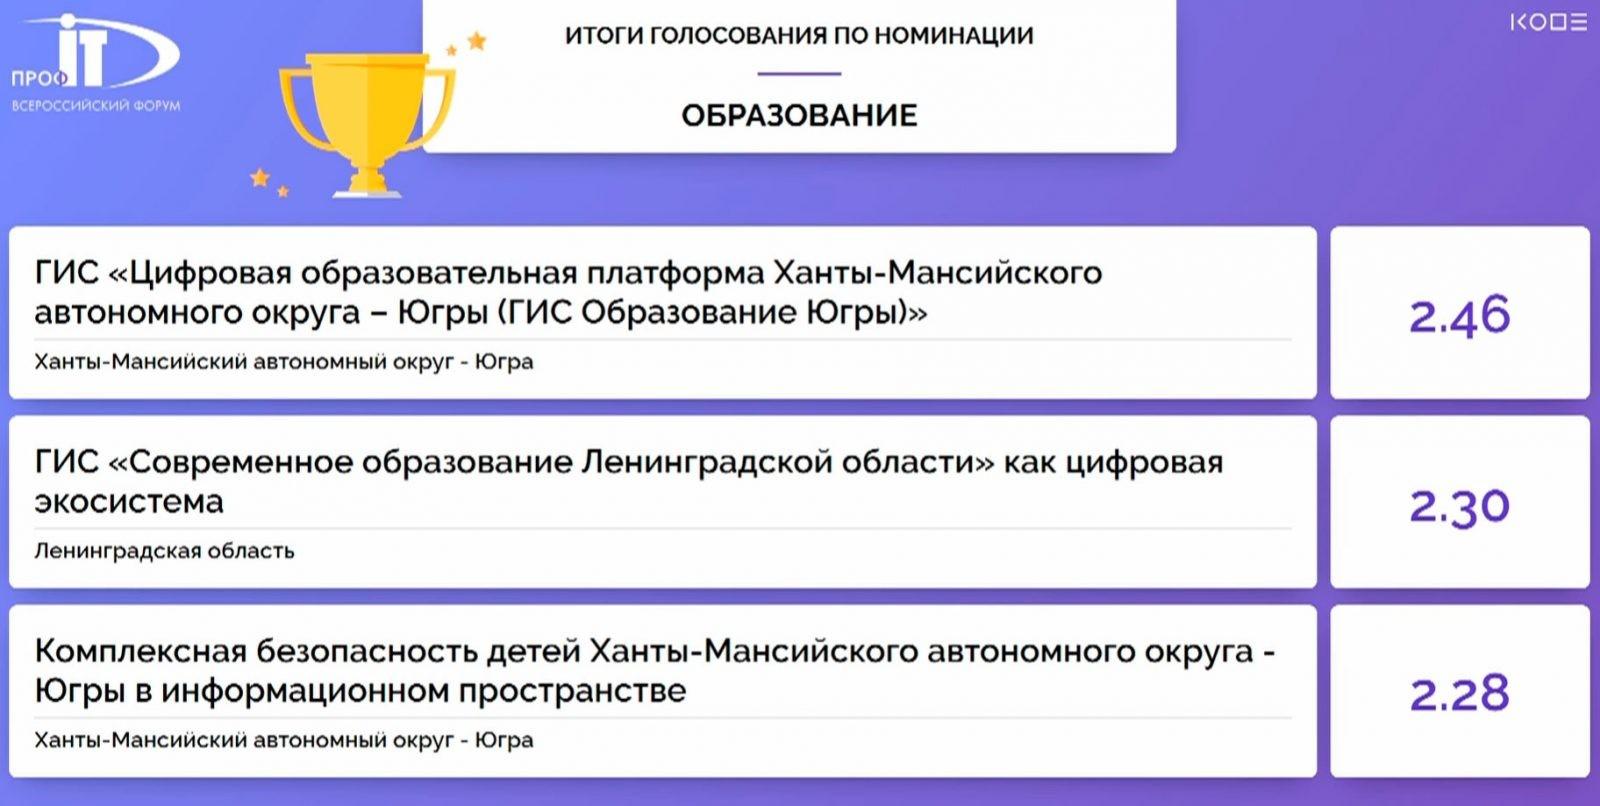 ХМАО-Югра стал победителем в номинации «Образование» конкурса IT-проектов форума «ПРОФ-IT.2020»